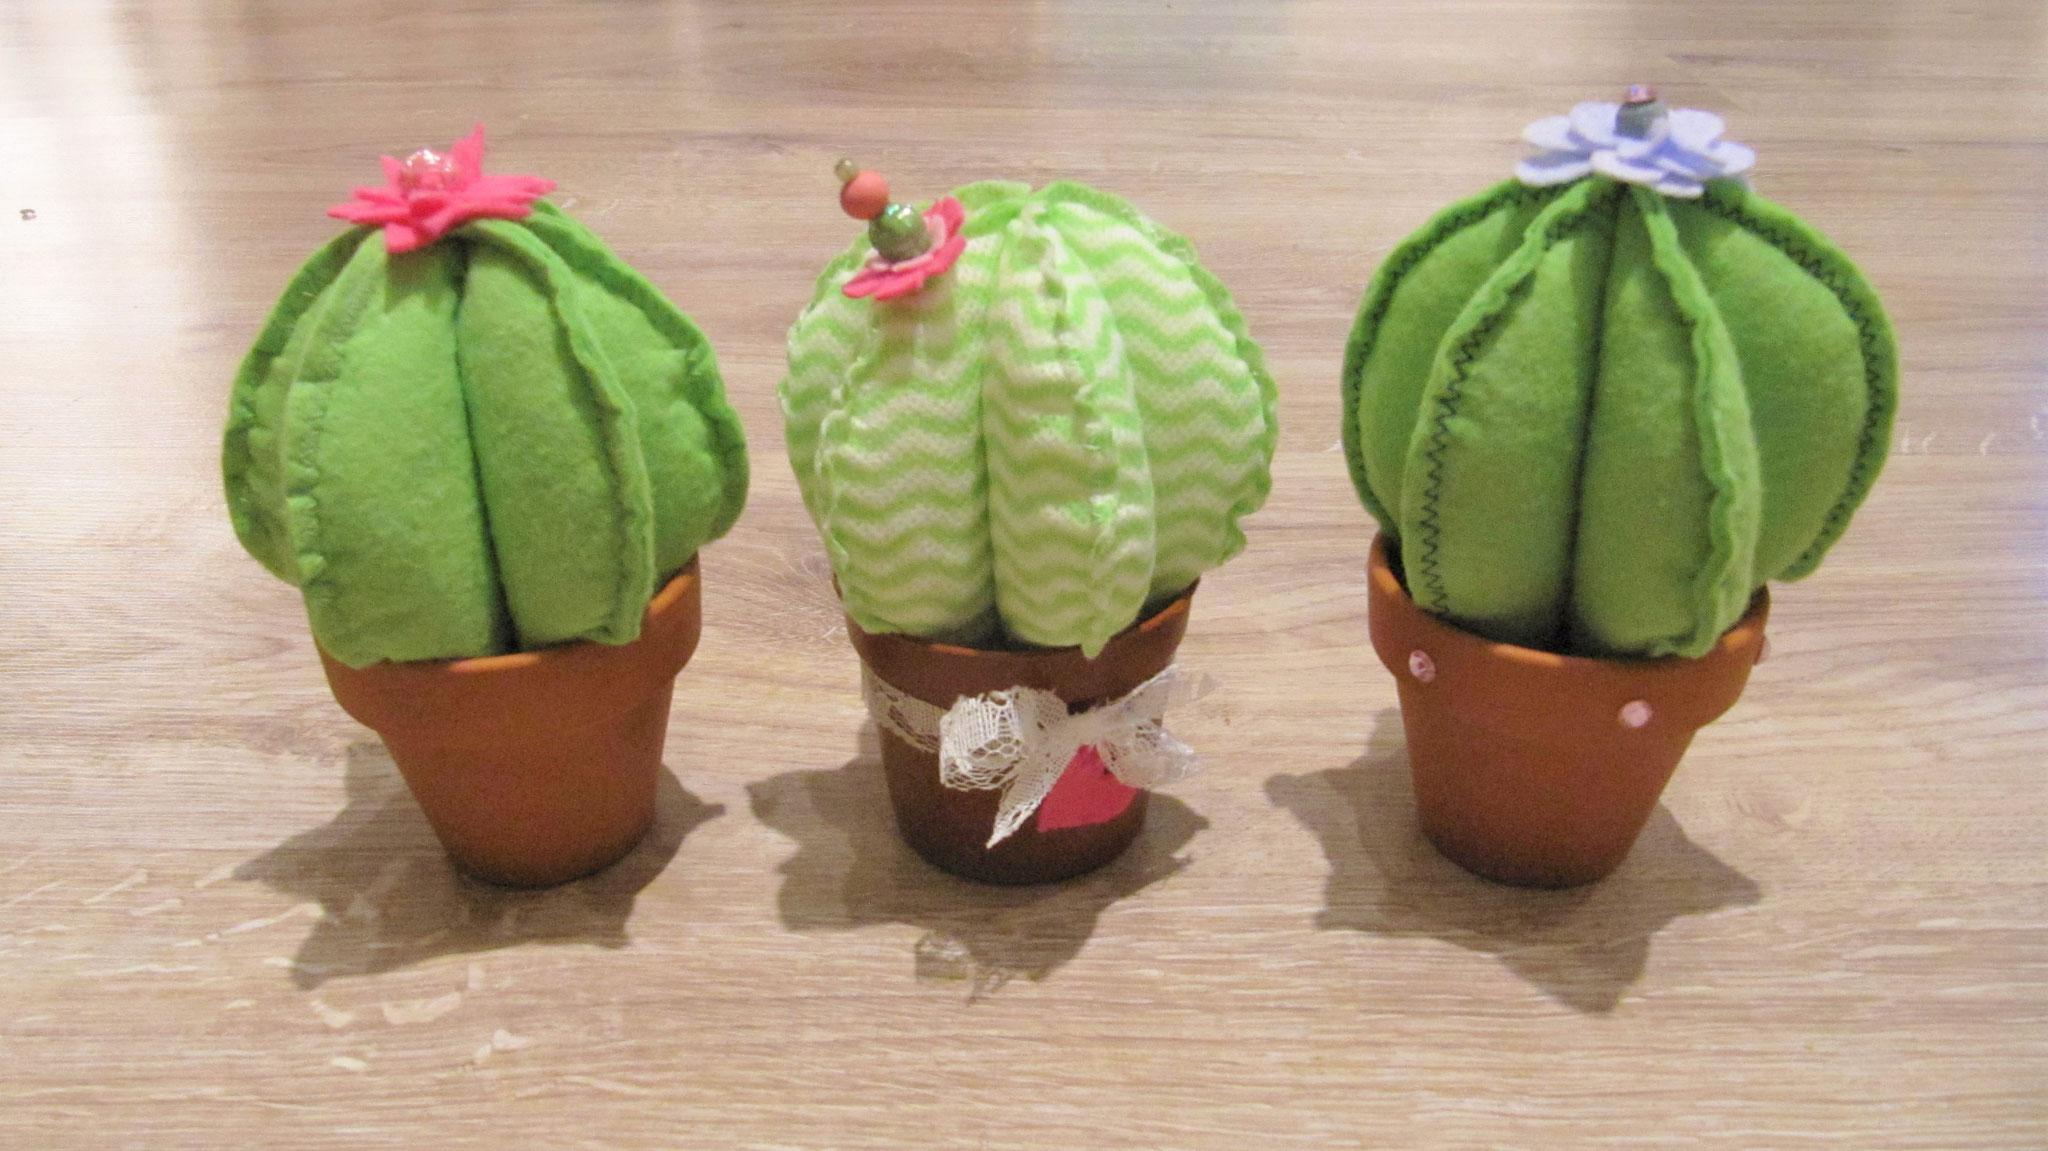 Den Kaktus mithilfe der Löcher am Topf Boden festnähen oder mit einem geeigneten Kleber befestigen.